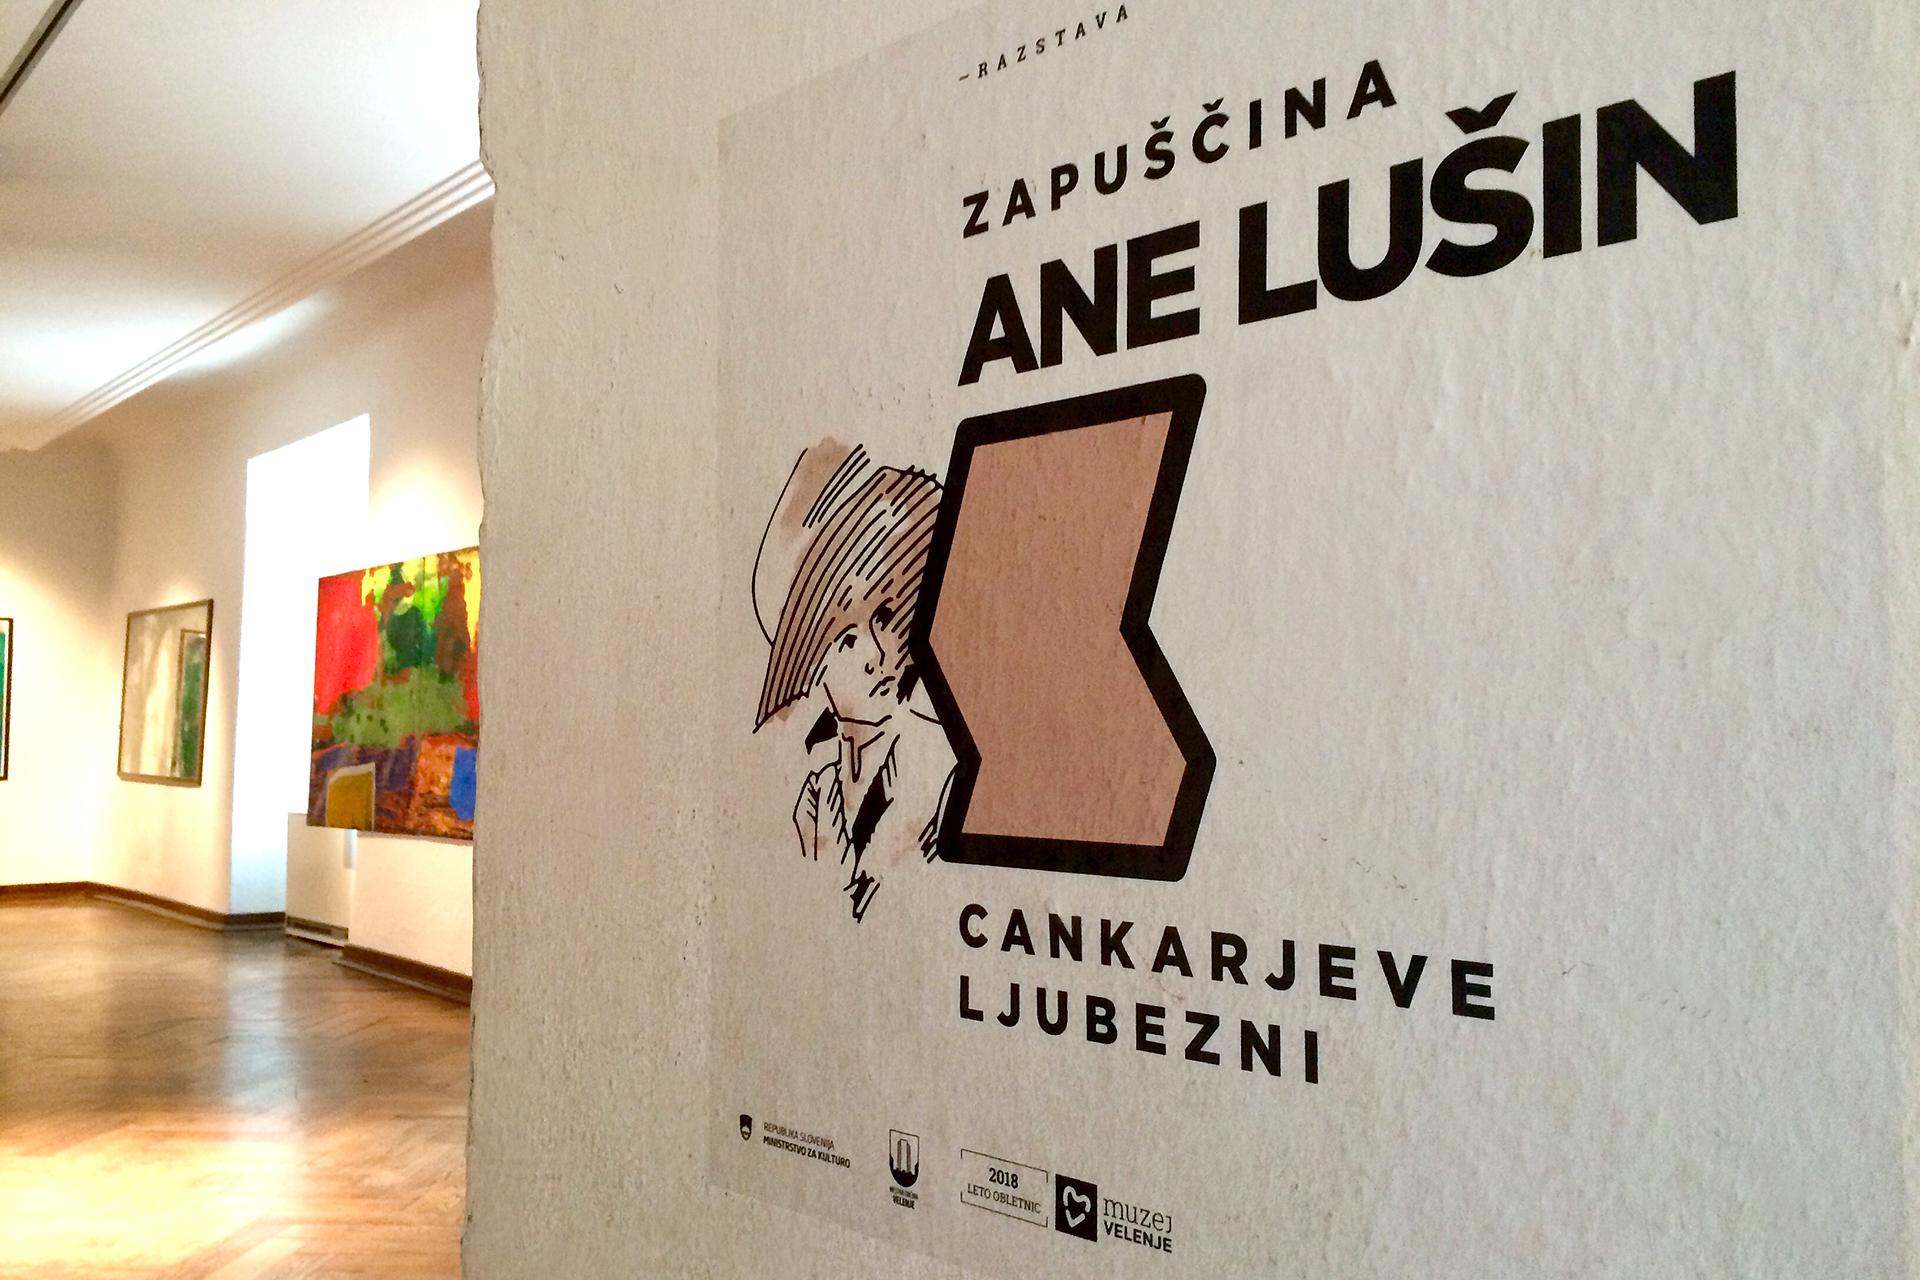 razstava_cankarjeva_ljubezen_ana_lusin_muzej_velenje_ma-ma_marko_marinsek_7